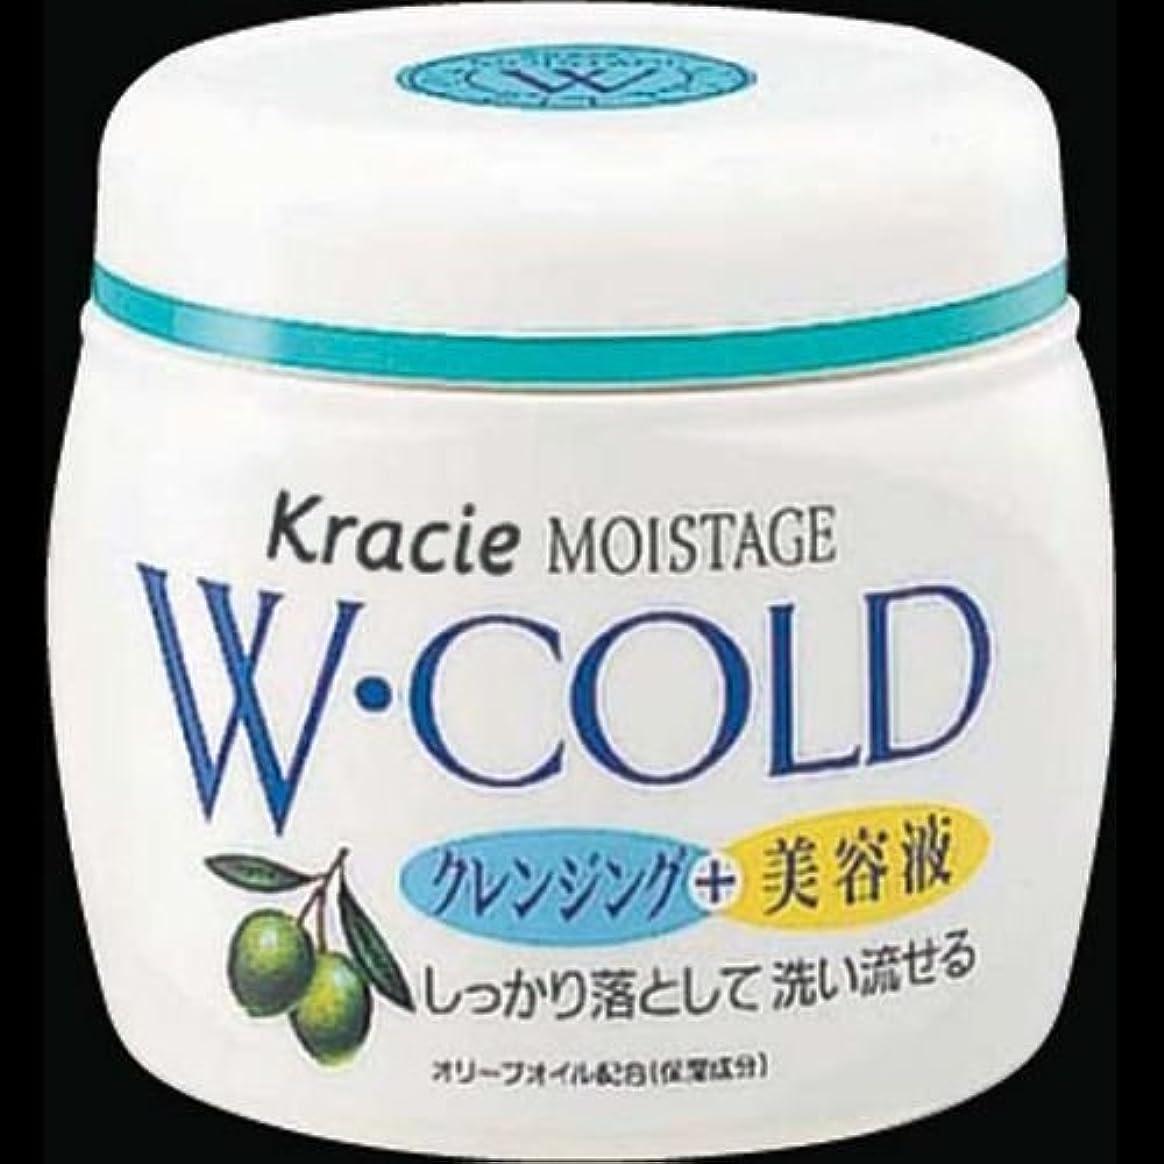 恐ろしい層差別【まとめ買い】モイスタージュコールドクリーム 270G ×2セット